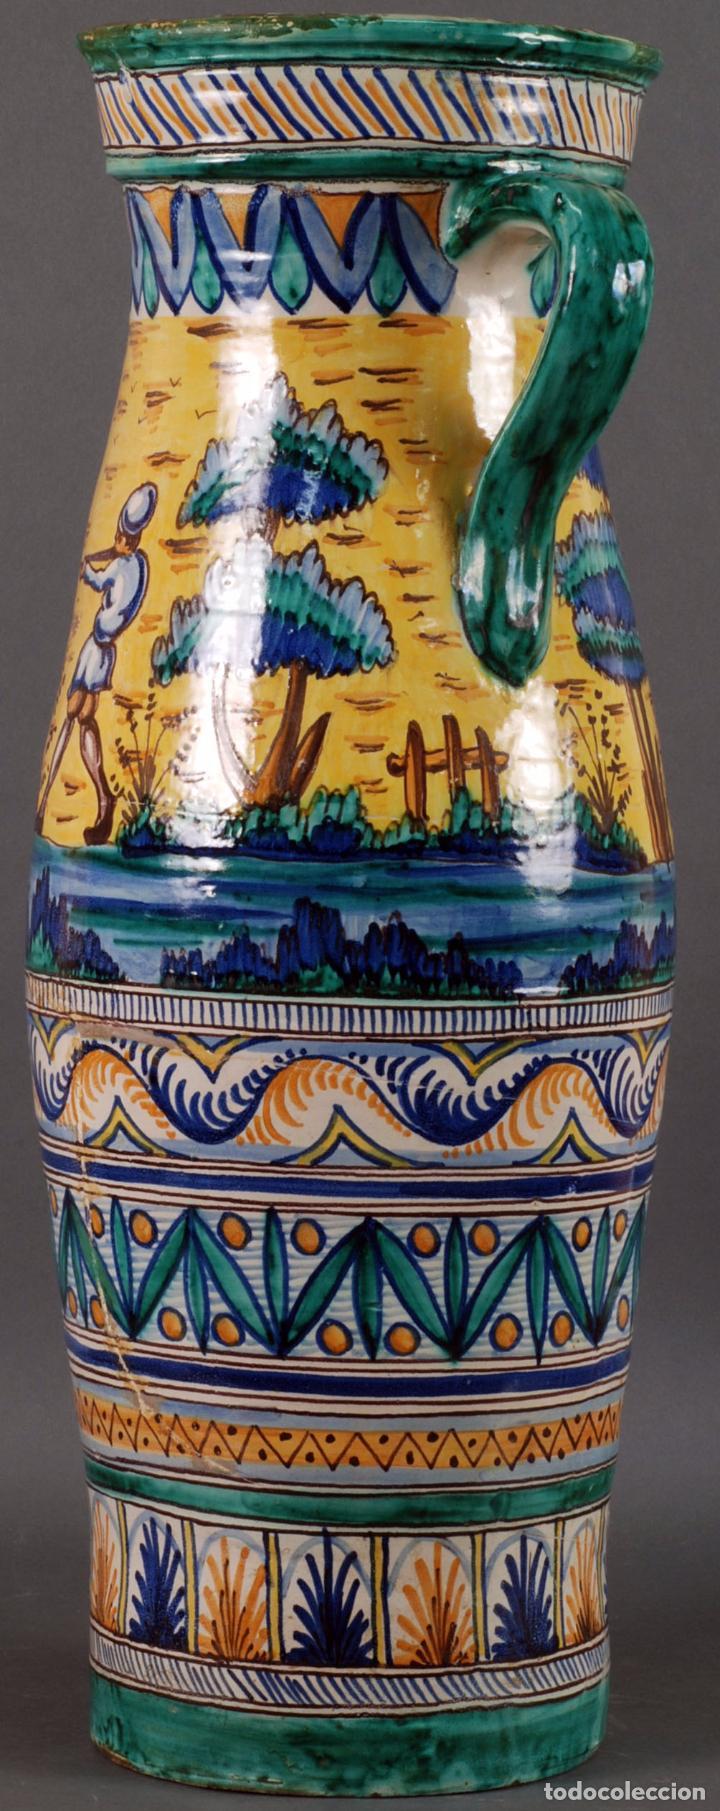 Antigüedades: Jarra jarron cerámica Triana tema cacería montería finales del siglo XIX - Foto 2 - 104696799